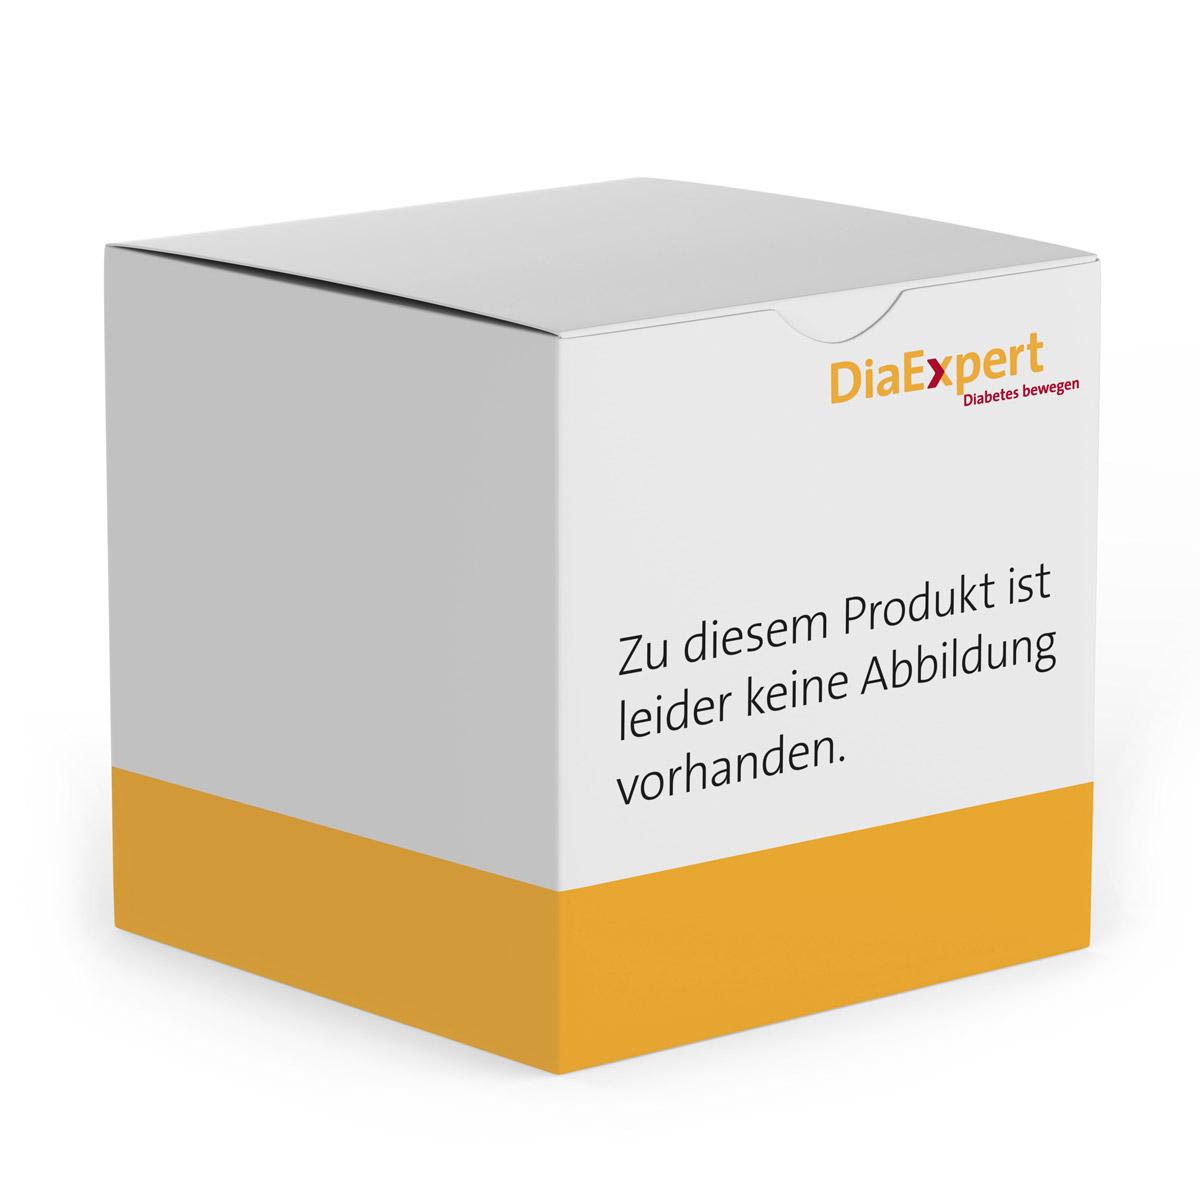 Frio-Kühltasche klein 14 x 15 cm schwarz